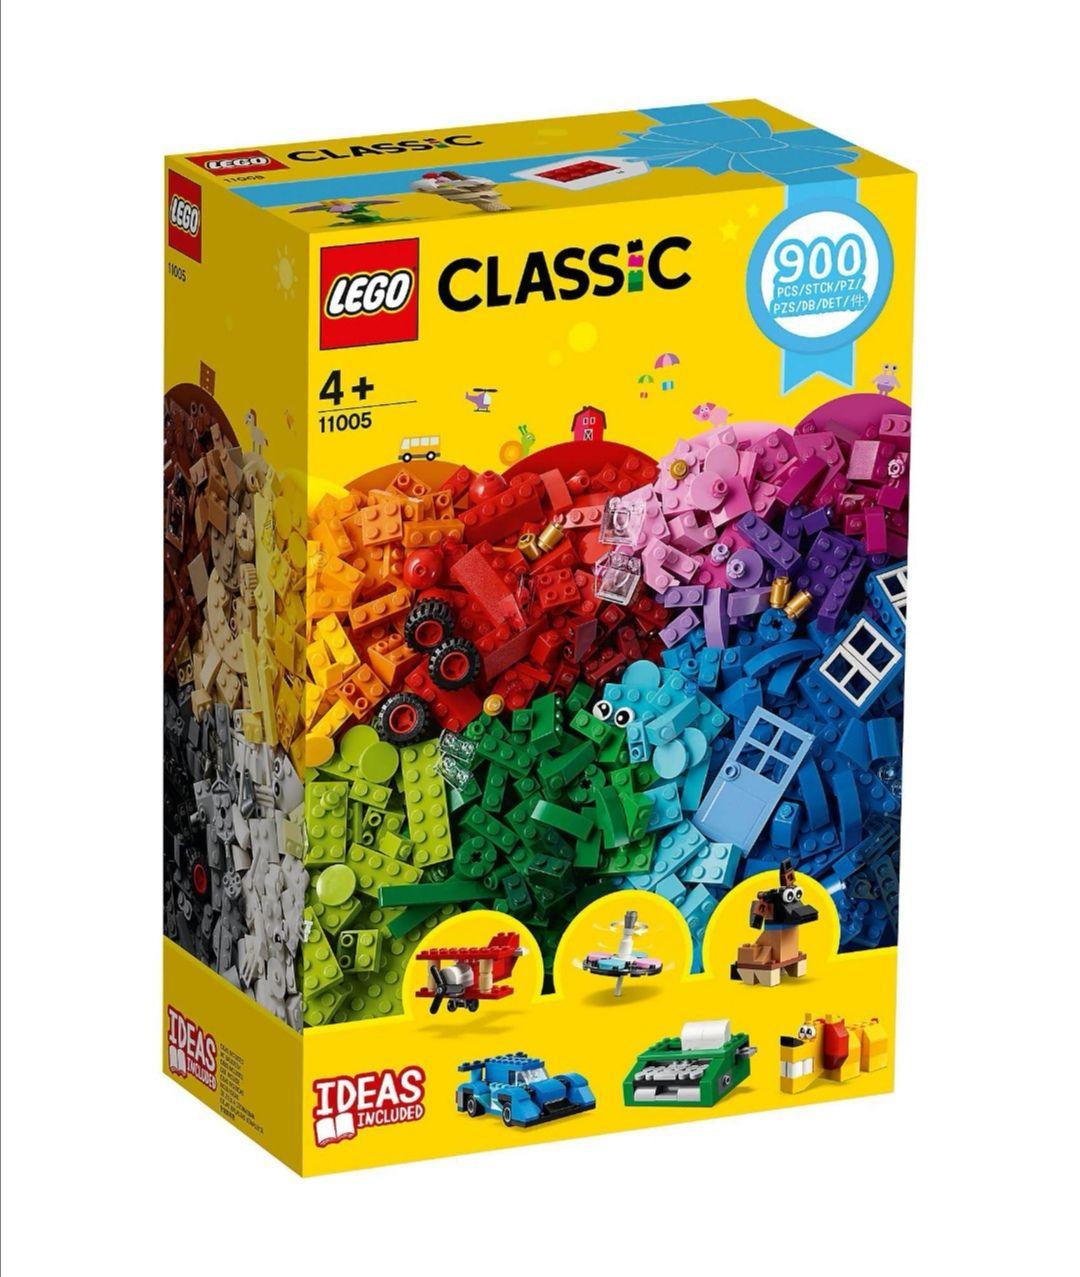 [MyToys] Lego Classic Bausteine 11005